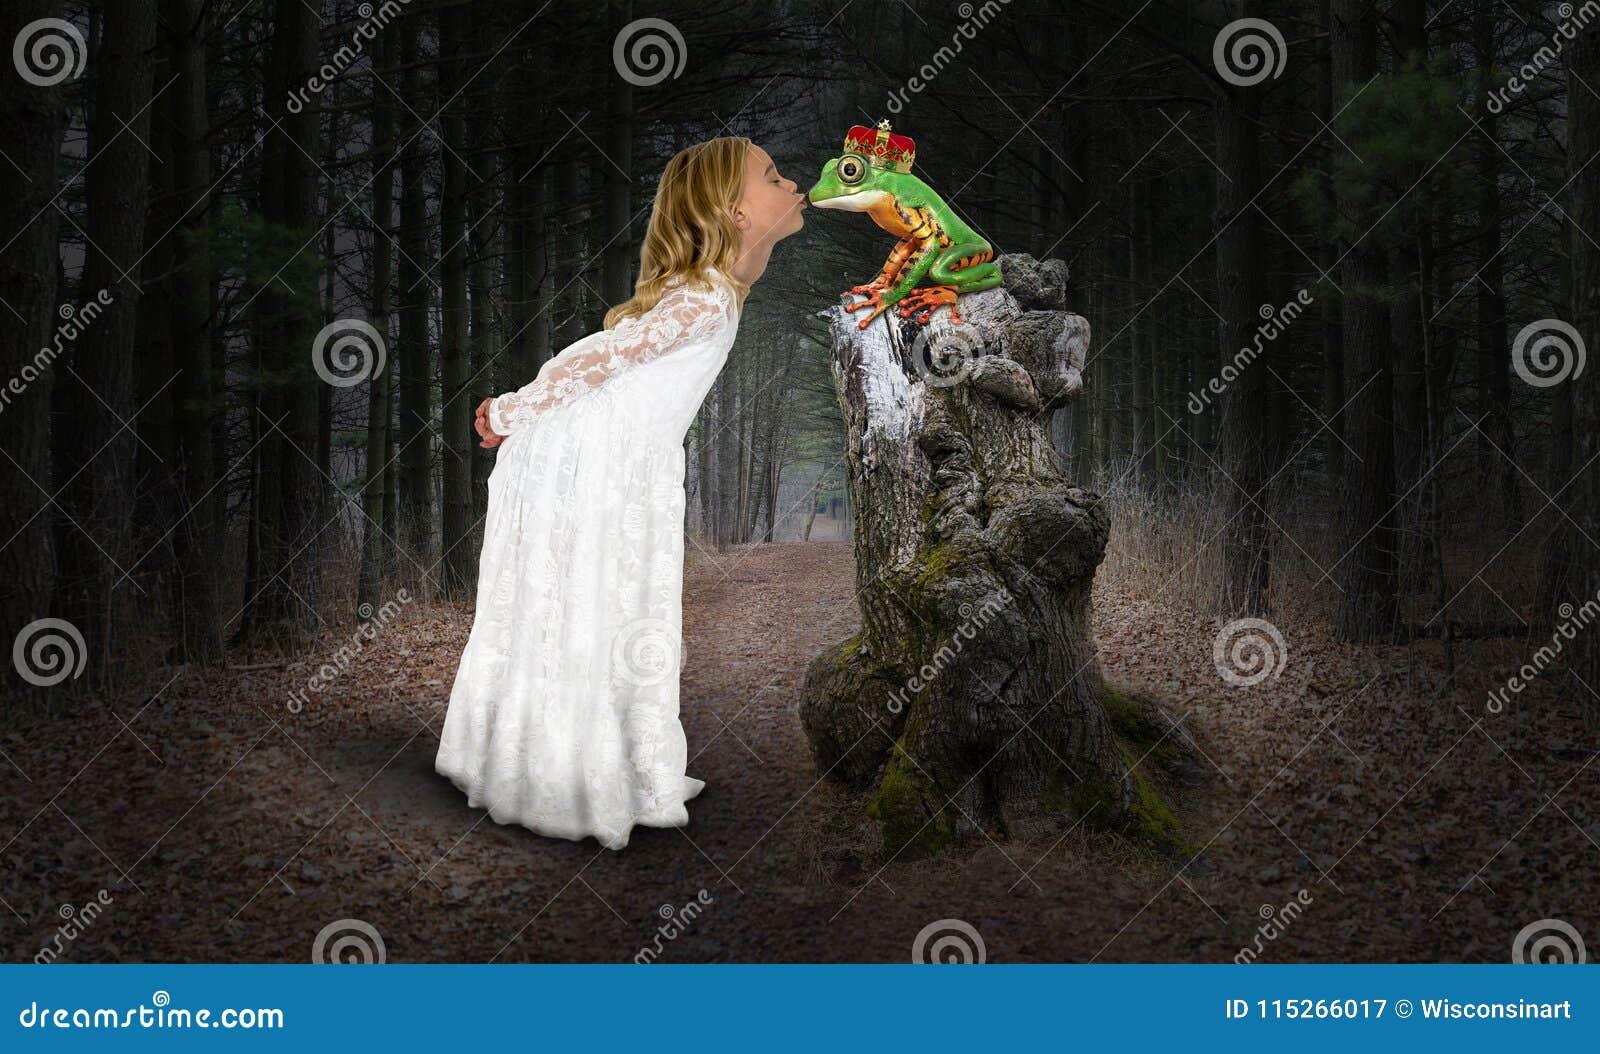 Girl, Princess, Kiss, Kissing Frog, Fantasy